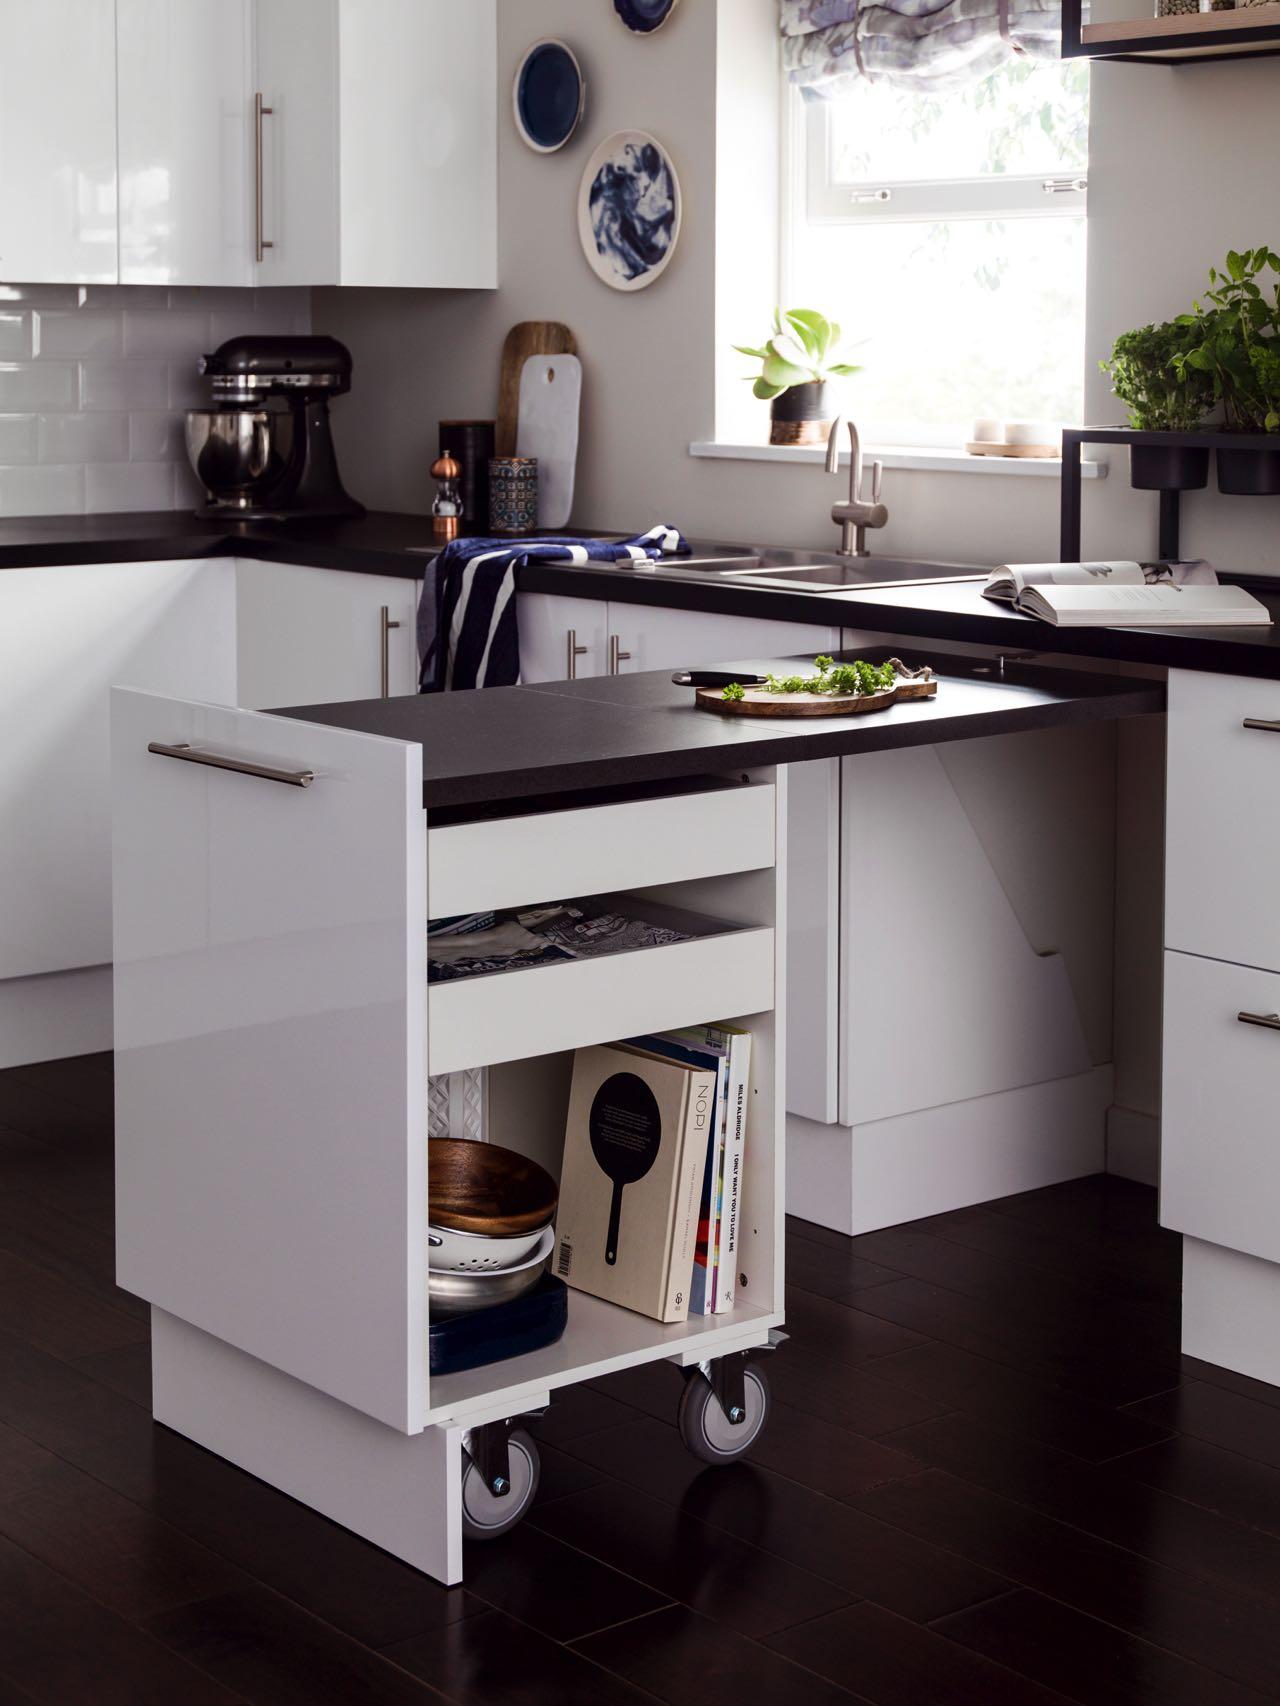 Klapptisch Für Kleine Küchen  Küchen Einrichten - So Kann Man